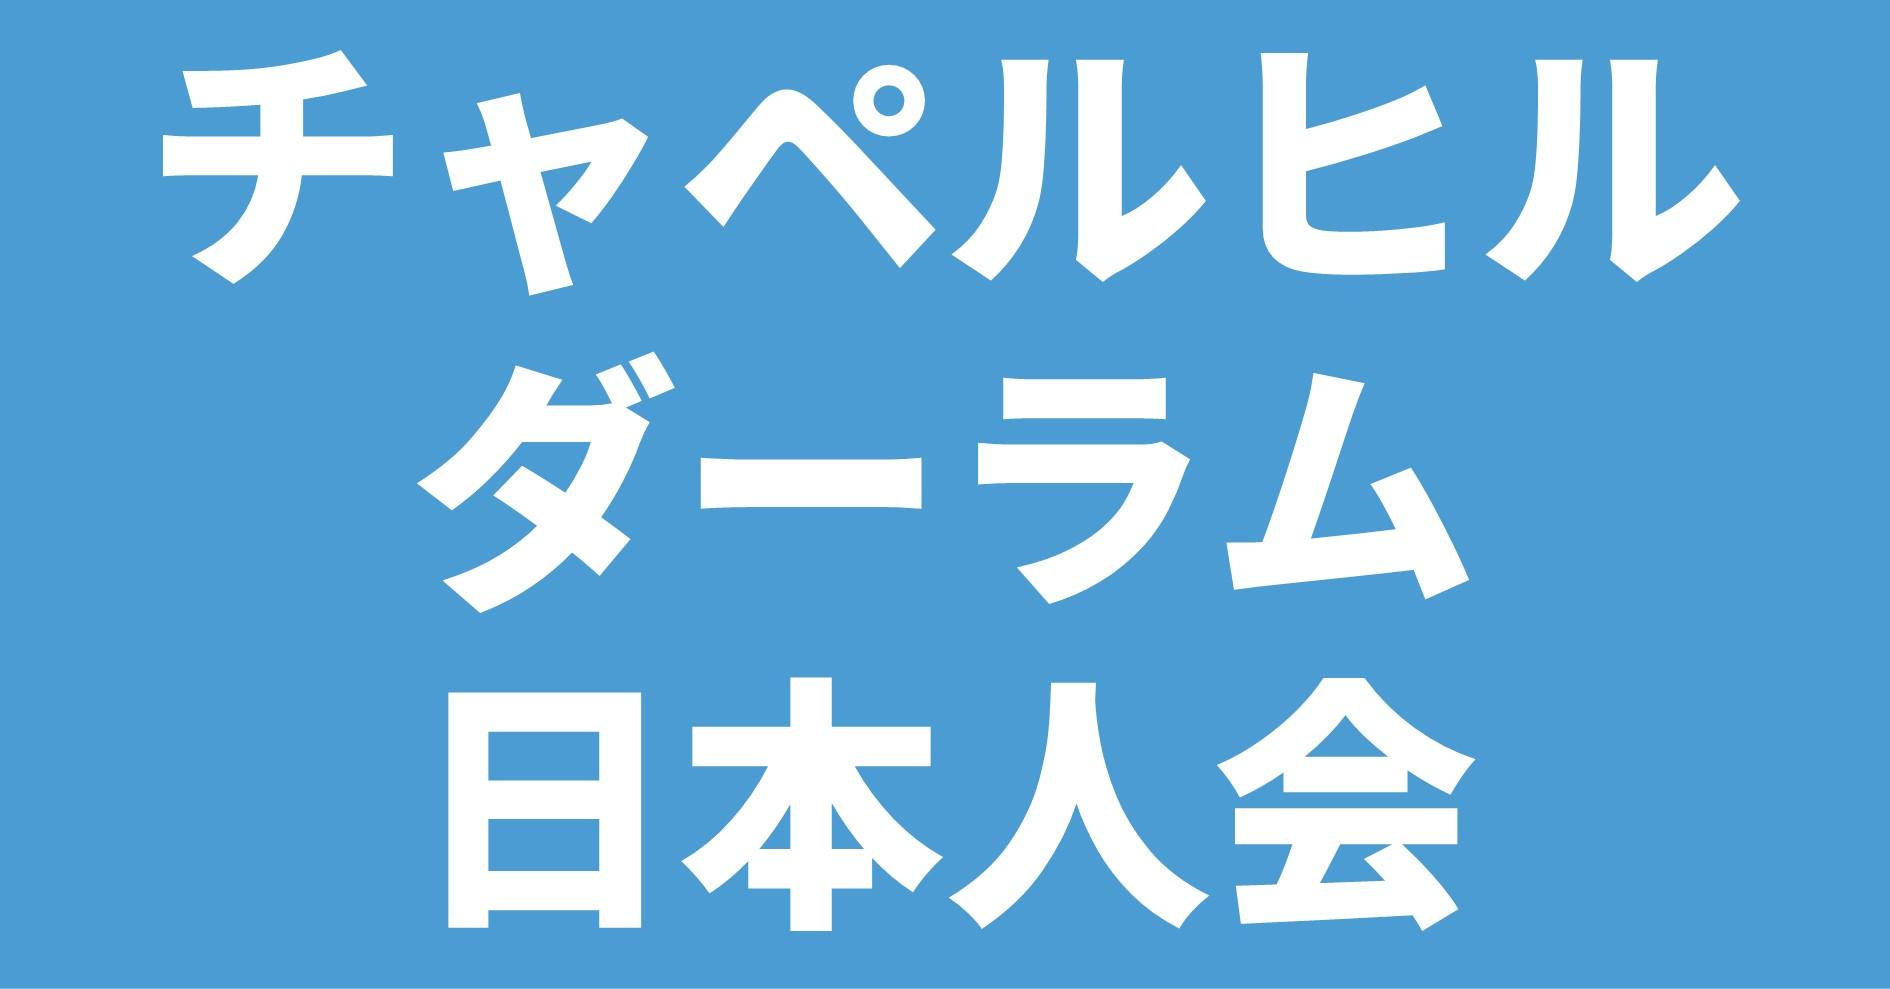 チャペルヒル・ダーラム日本人会